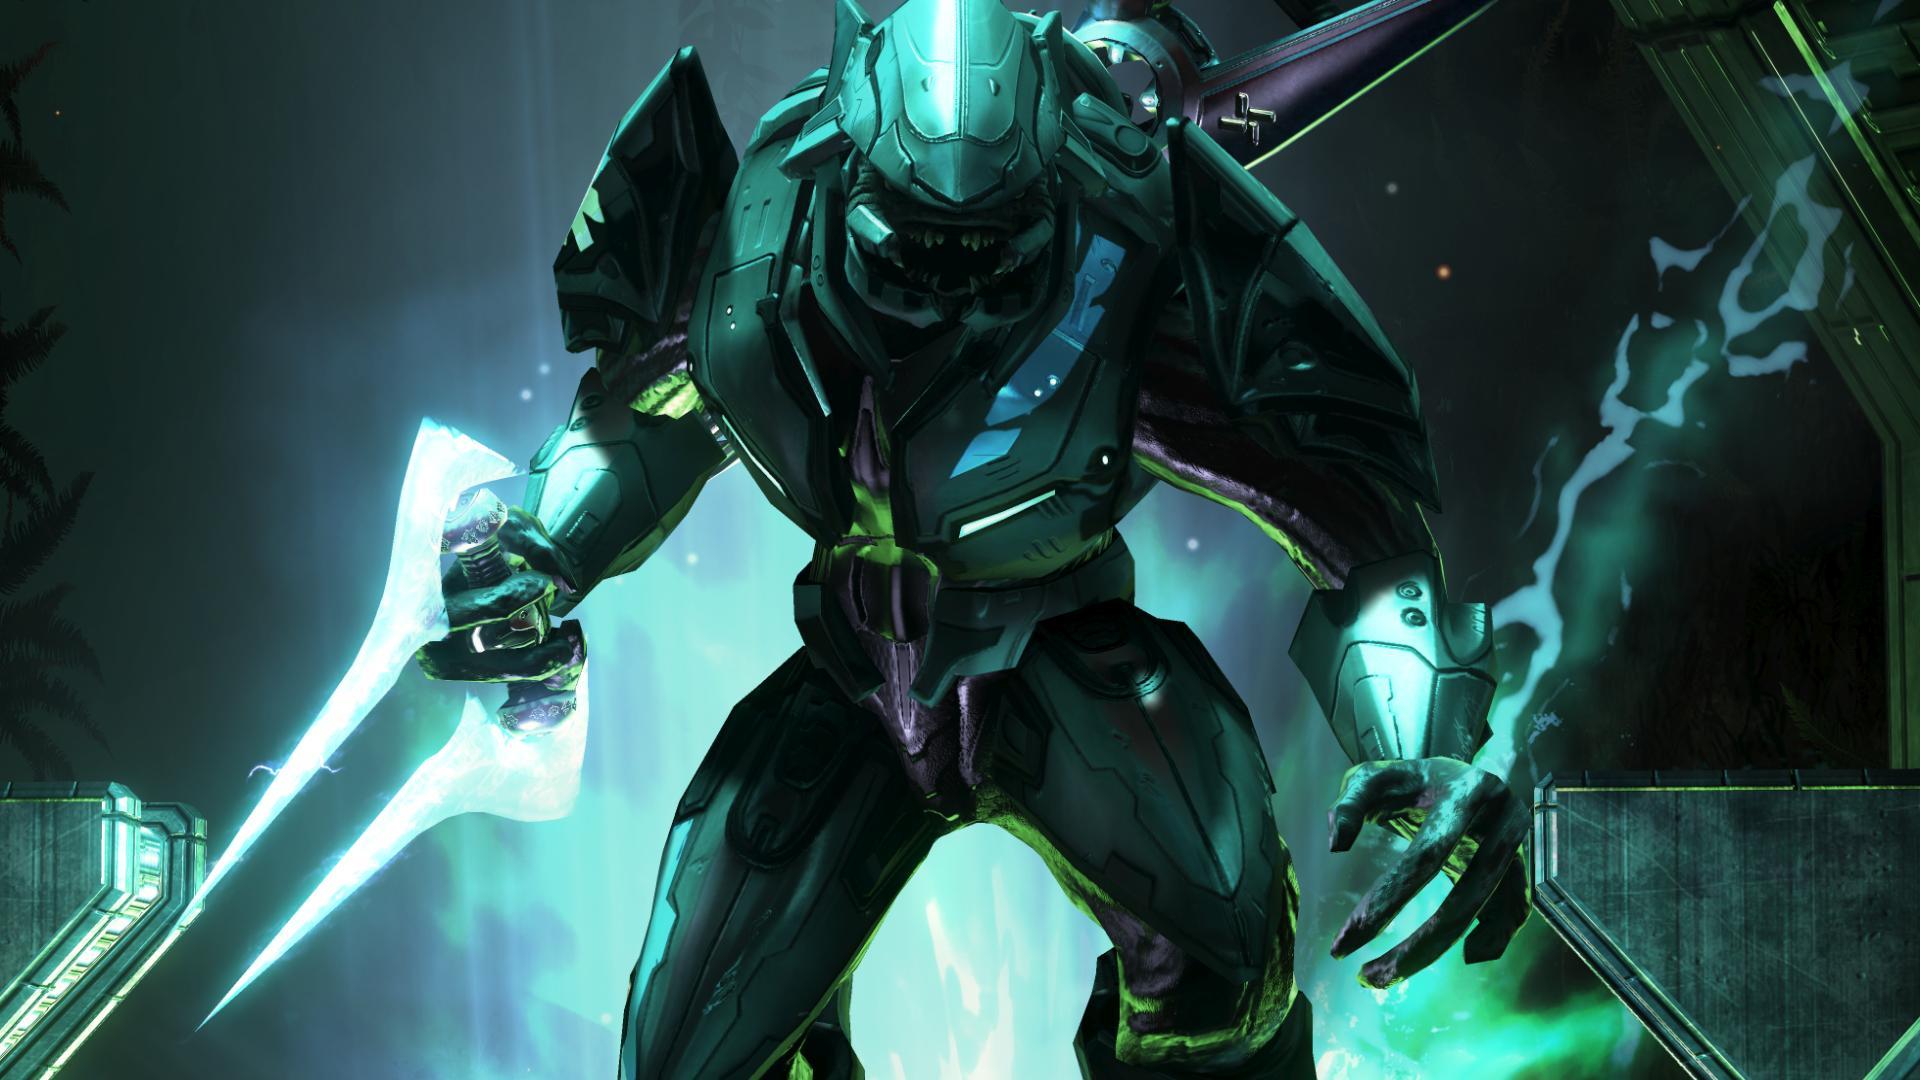 Halo 4 Elite Wallpaper Wallpapersafari